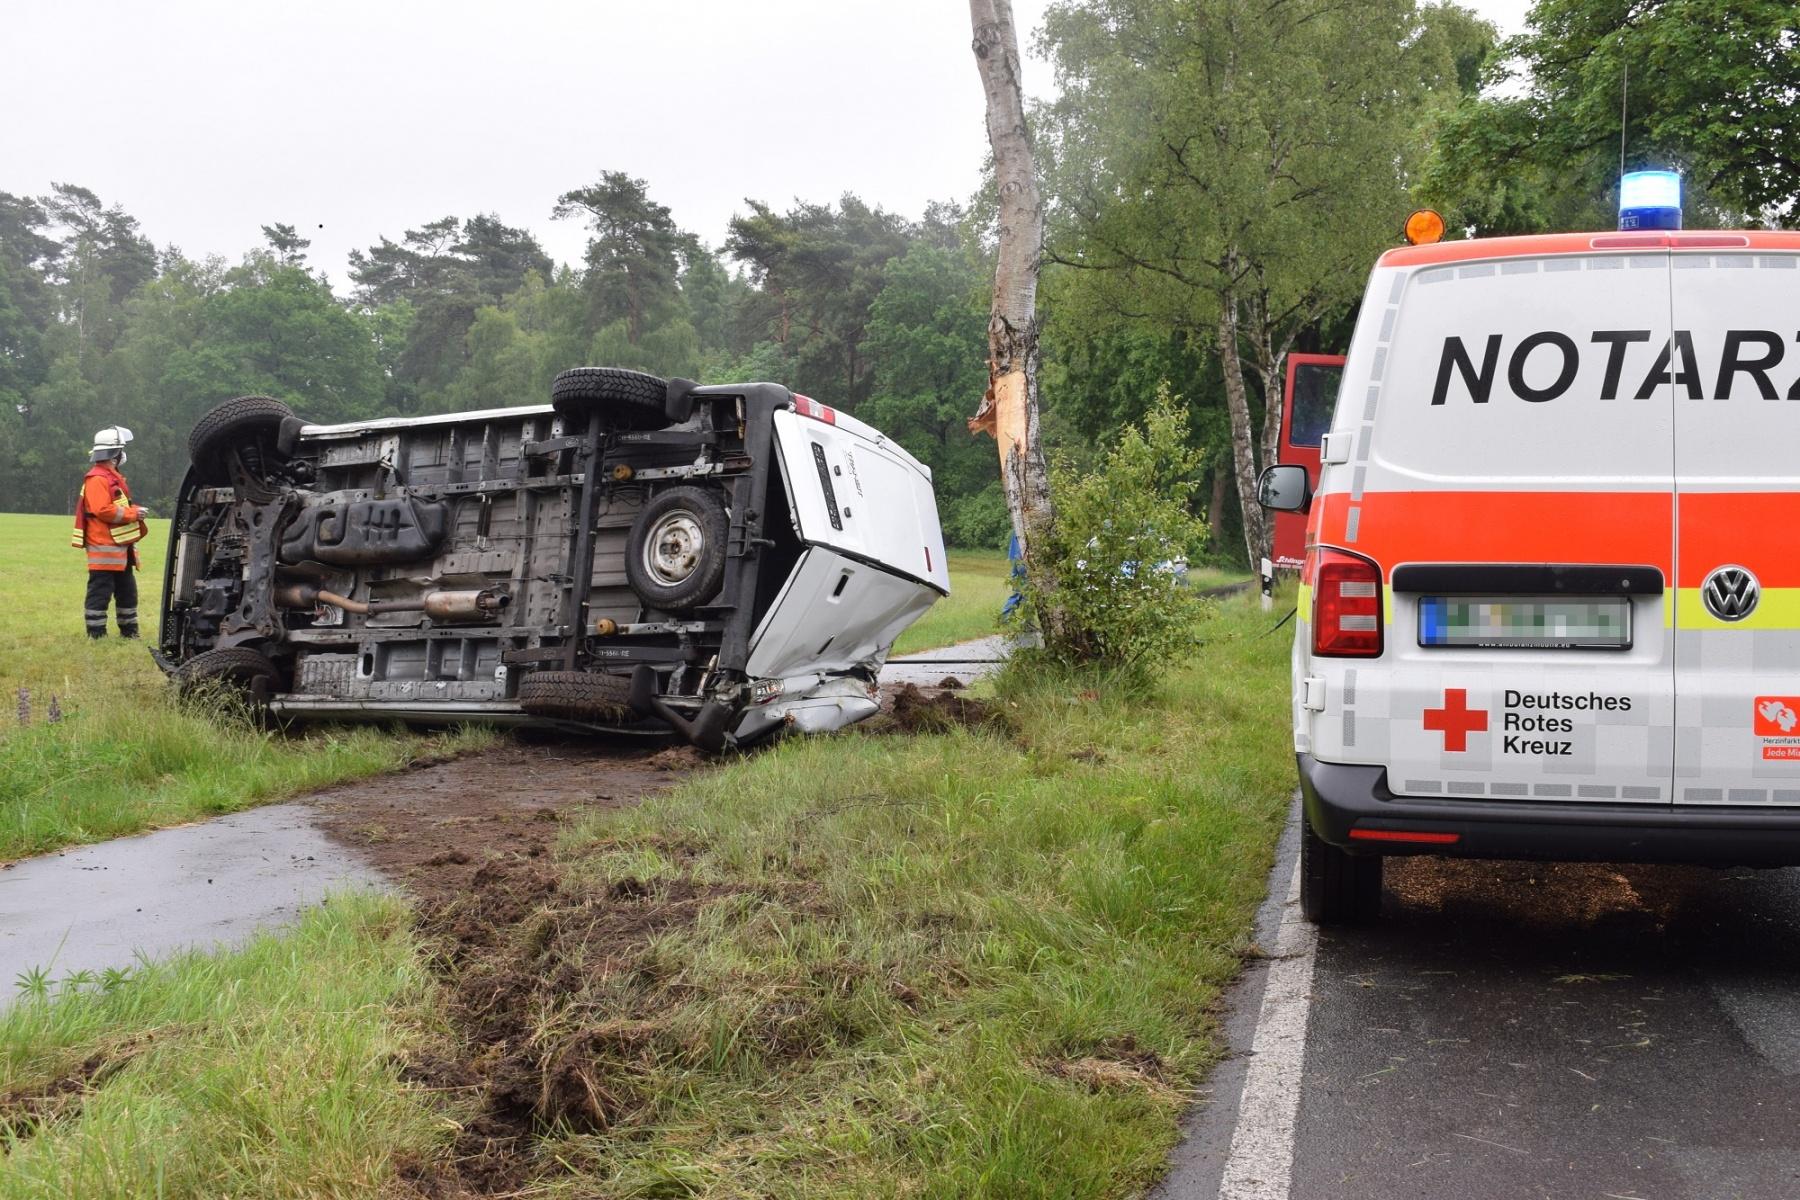 2020_06_11_Verkehrsunfall-Hanstedt-Bild-2